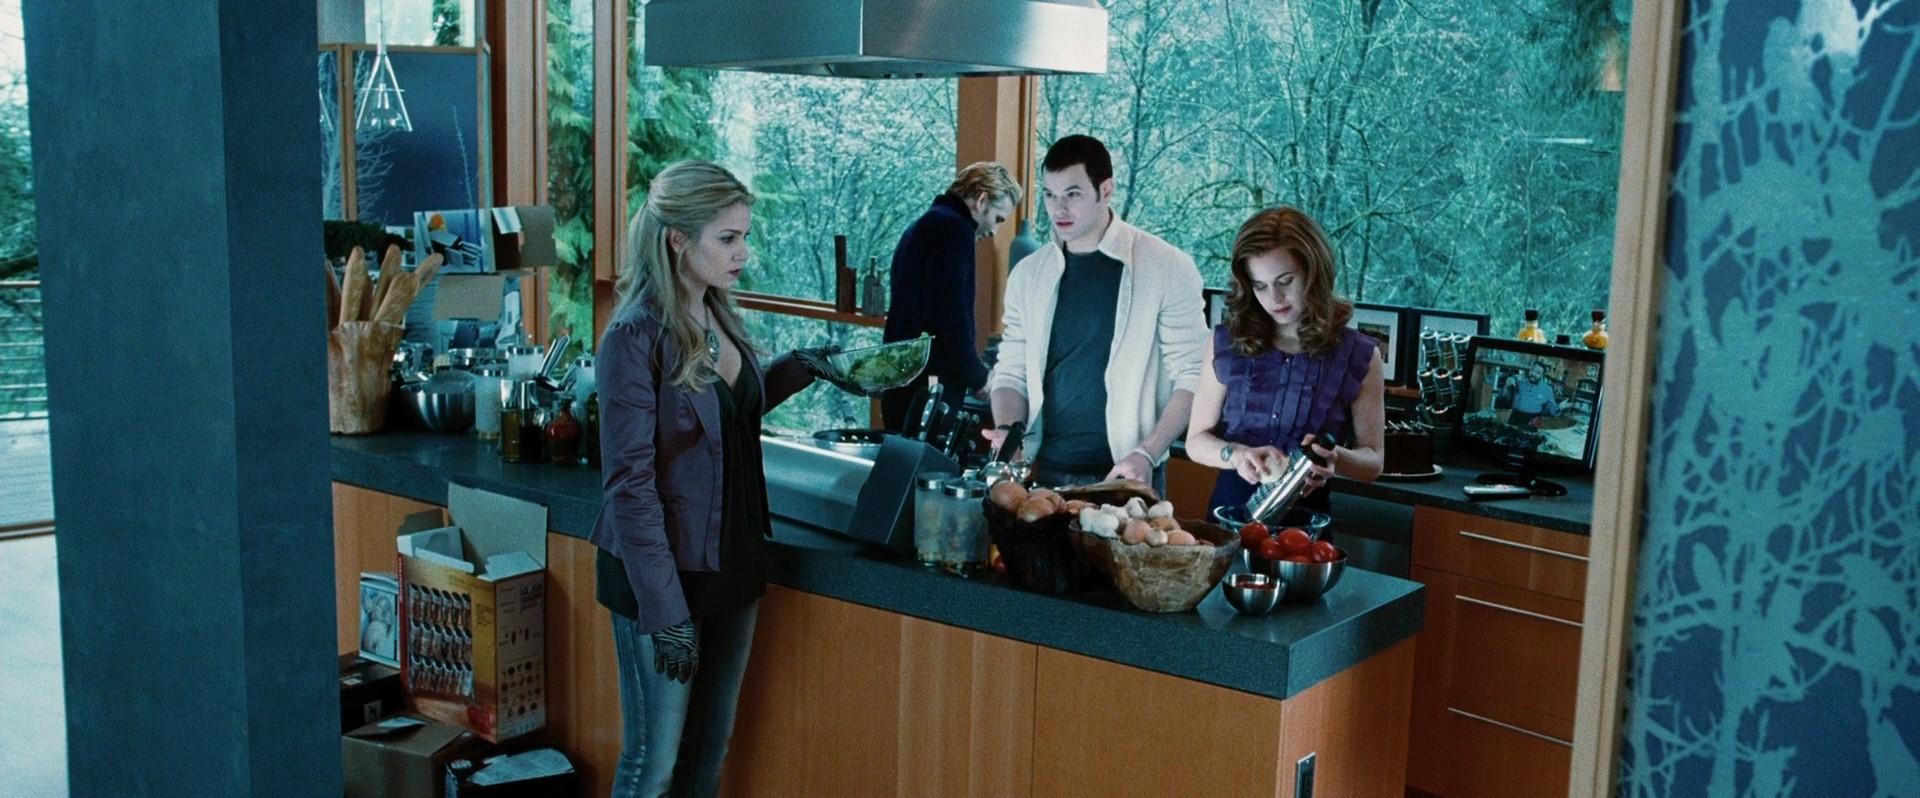 File:Twilight-house-4-twilight-house-–-cullen's-home-decor-4148.jpg